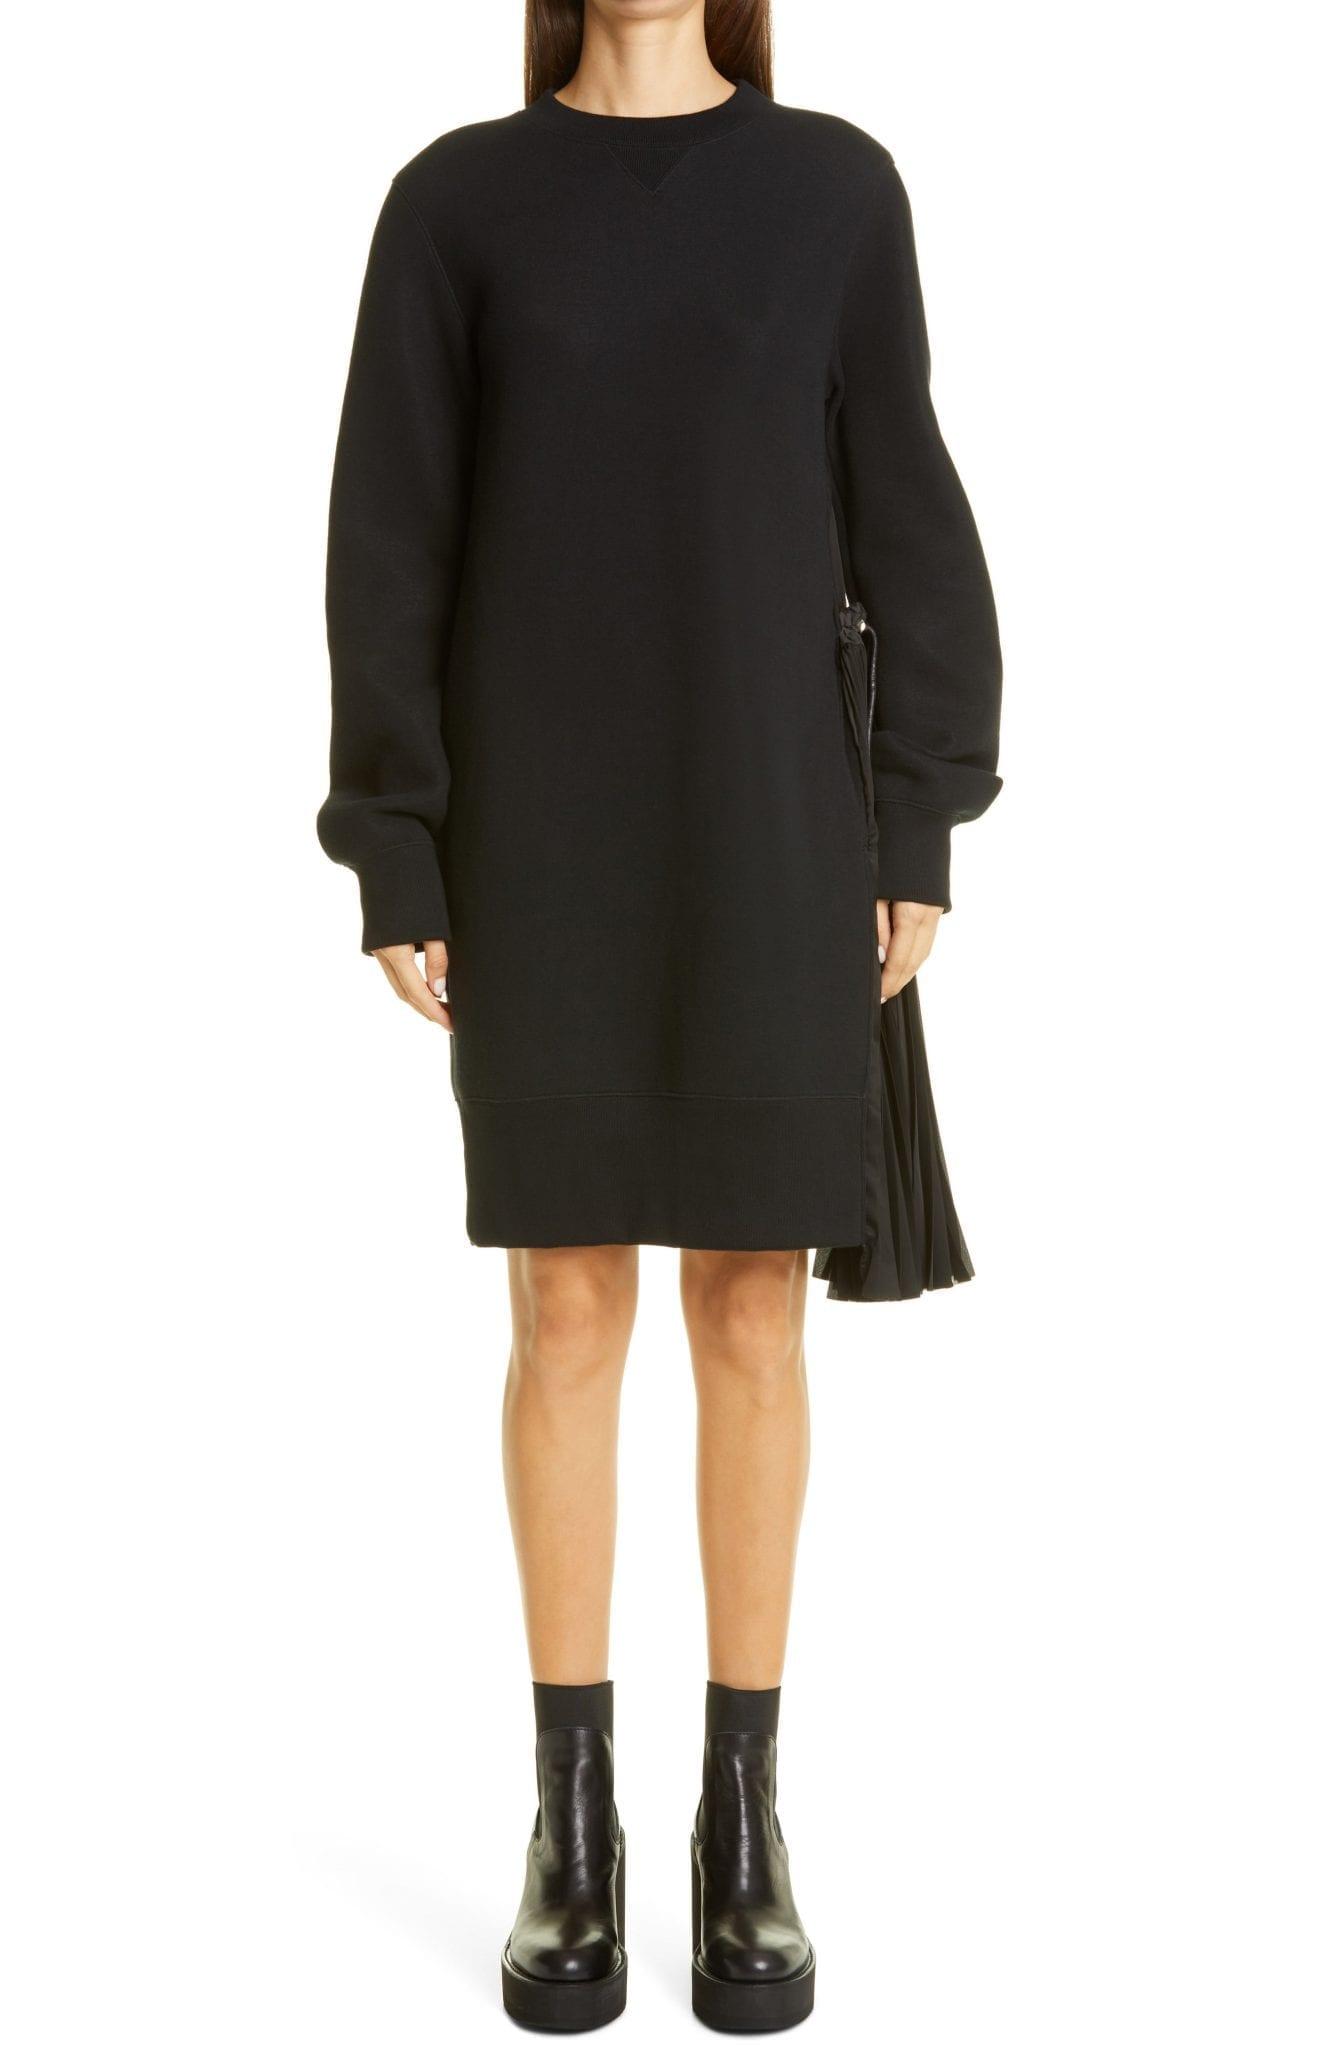 SACAI Pleated Panel Long Sleeve Sponge Sweatshirt Mini Dress